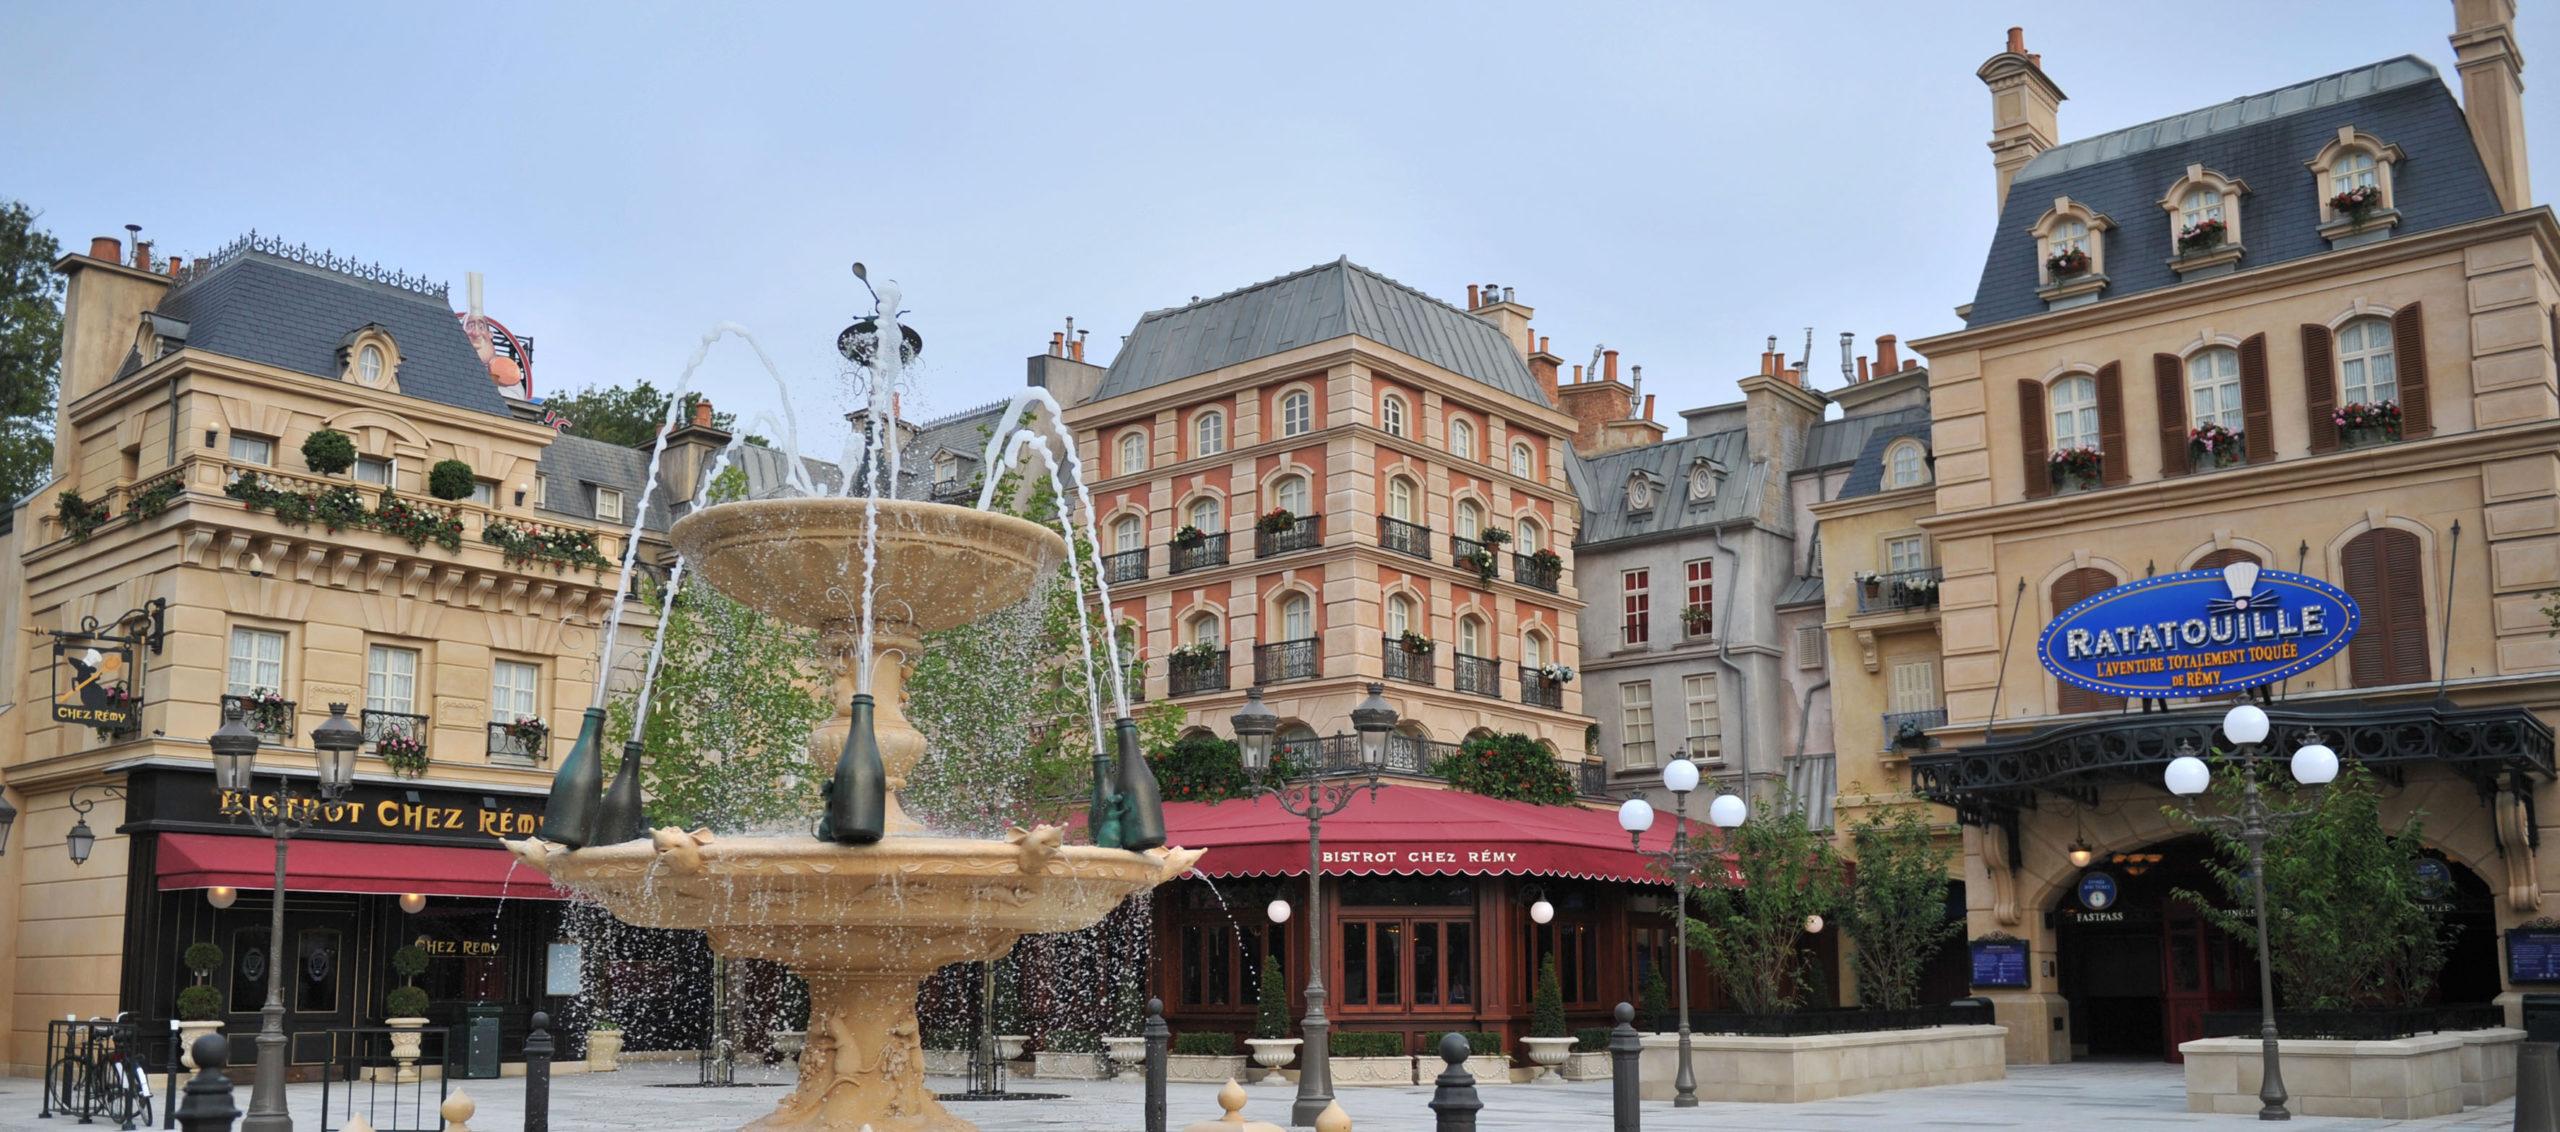 Vue de la place de Rémy avec, en premier plan, une fontaine où l'eau sort de bouteilles de champagne.